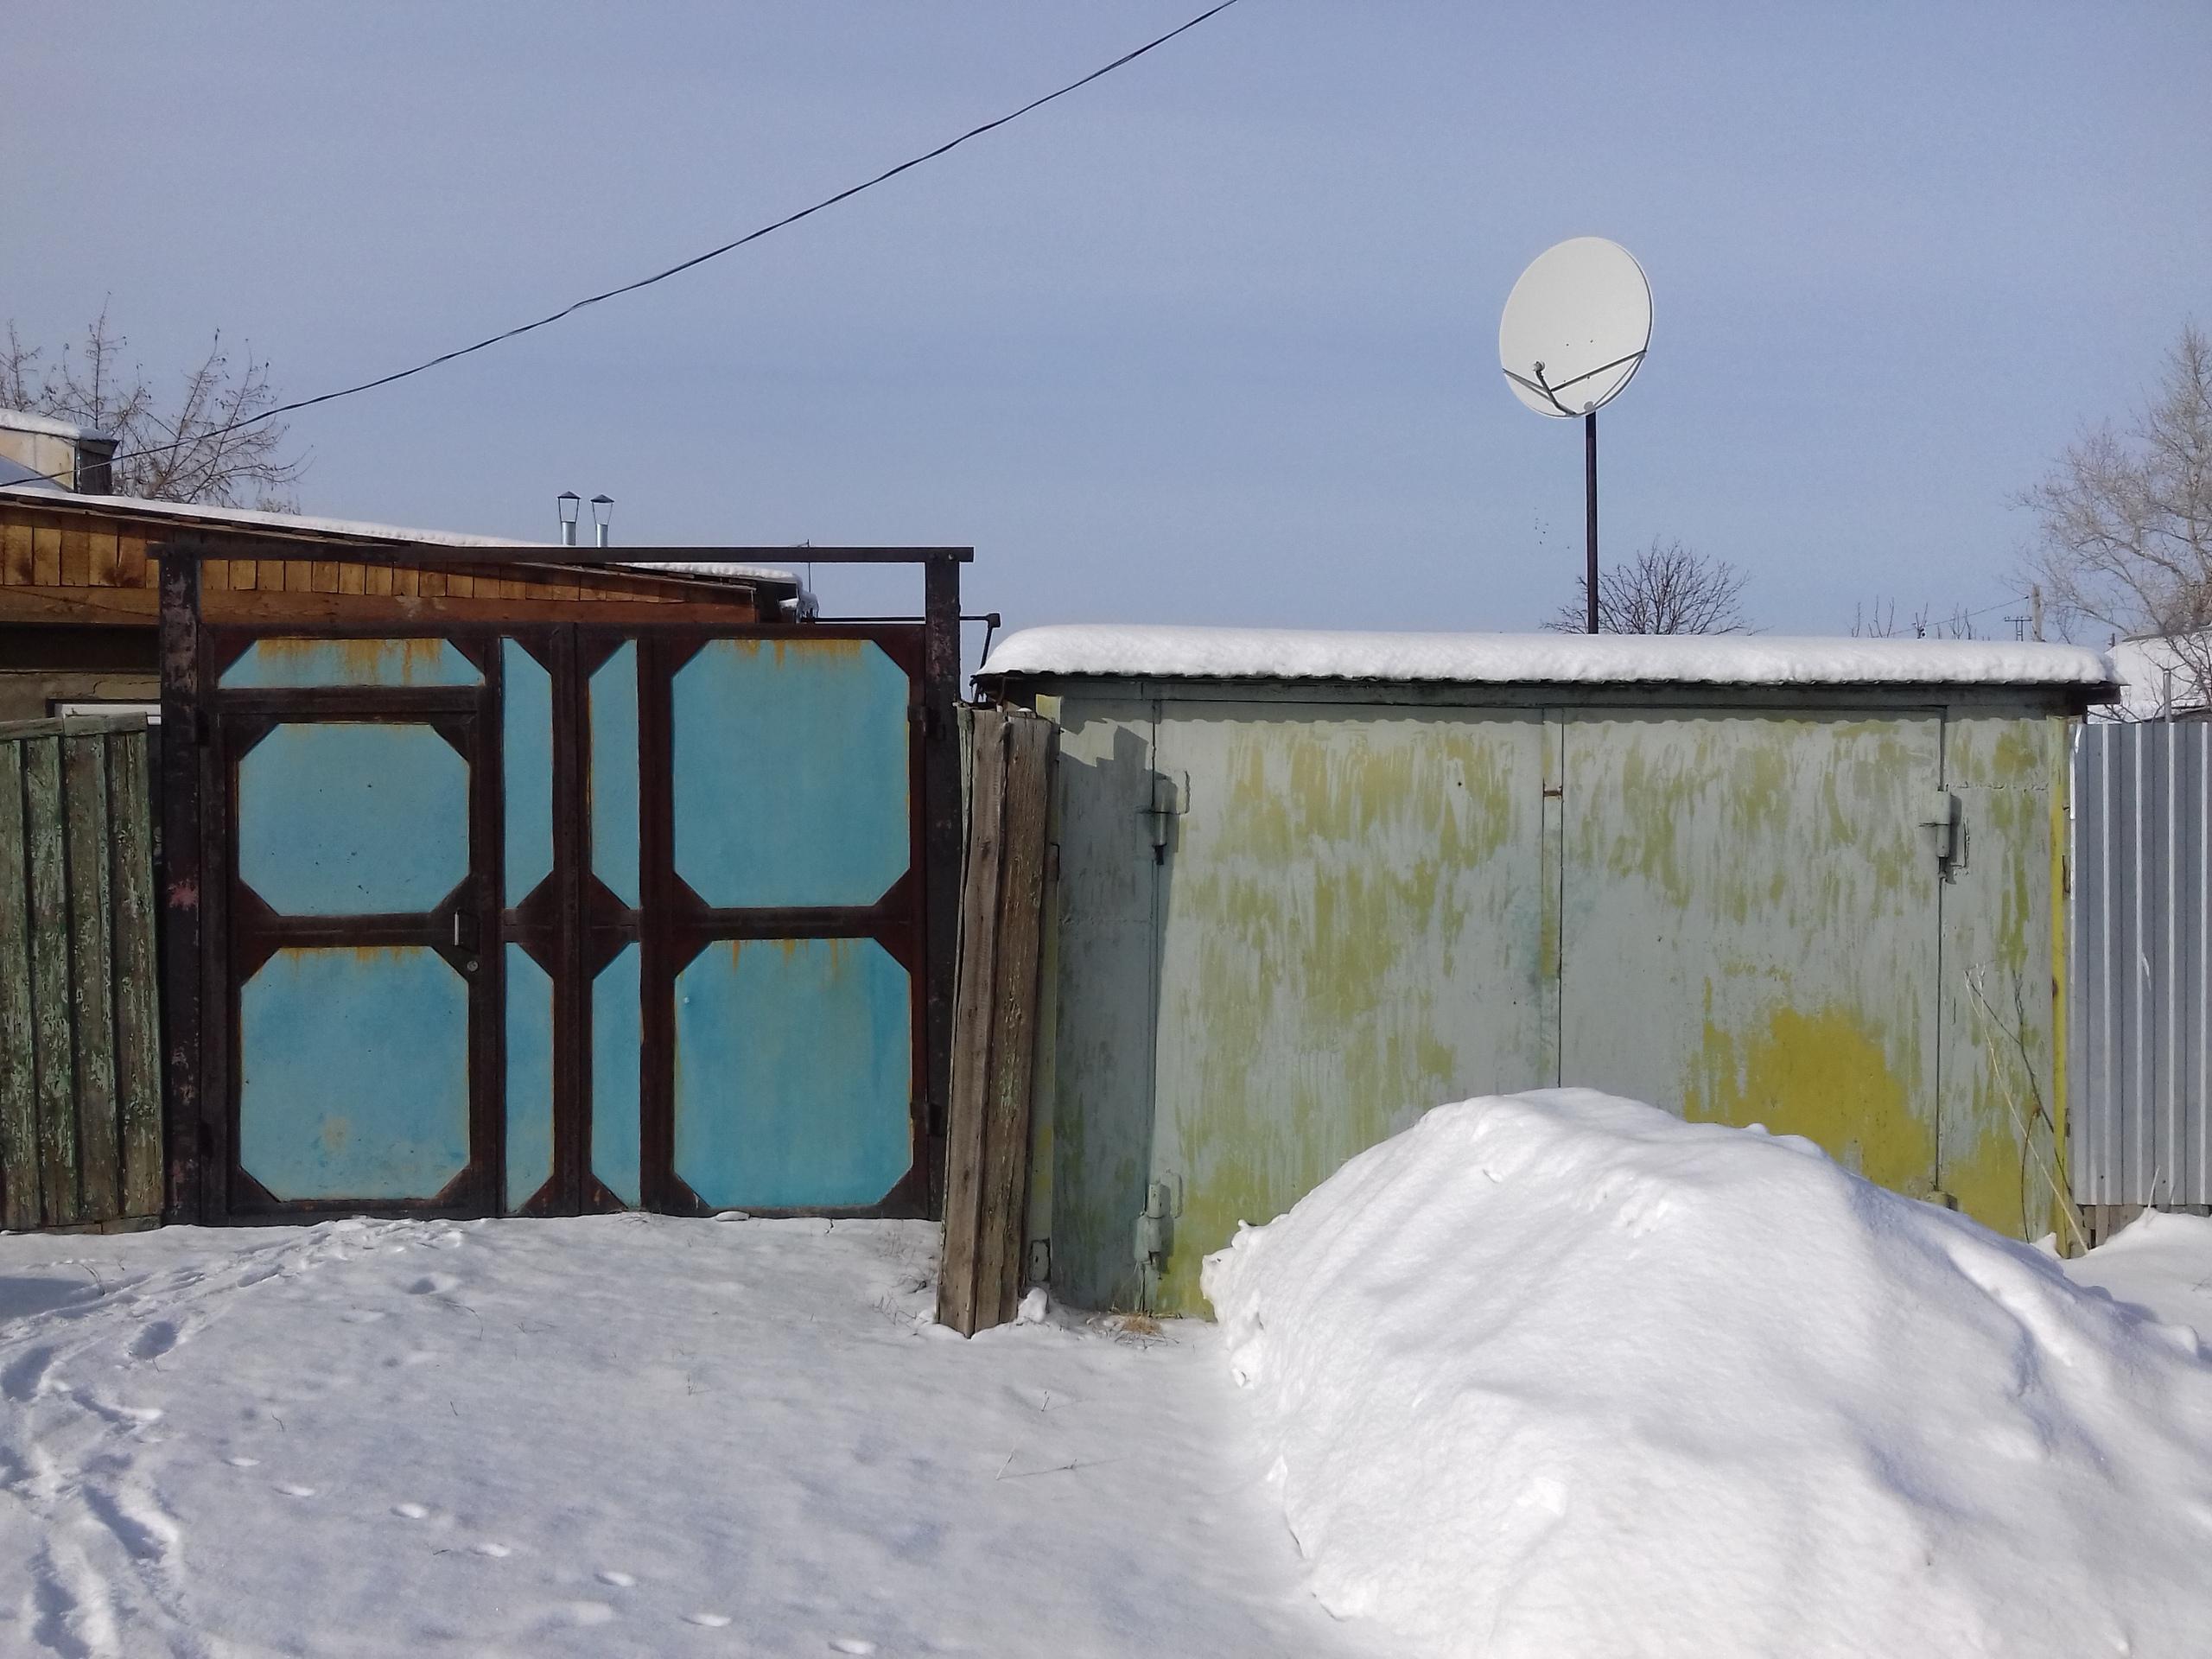 Купить дом 50 кв.м. на остановке   Объявления Орска и Новотроицка №888